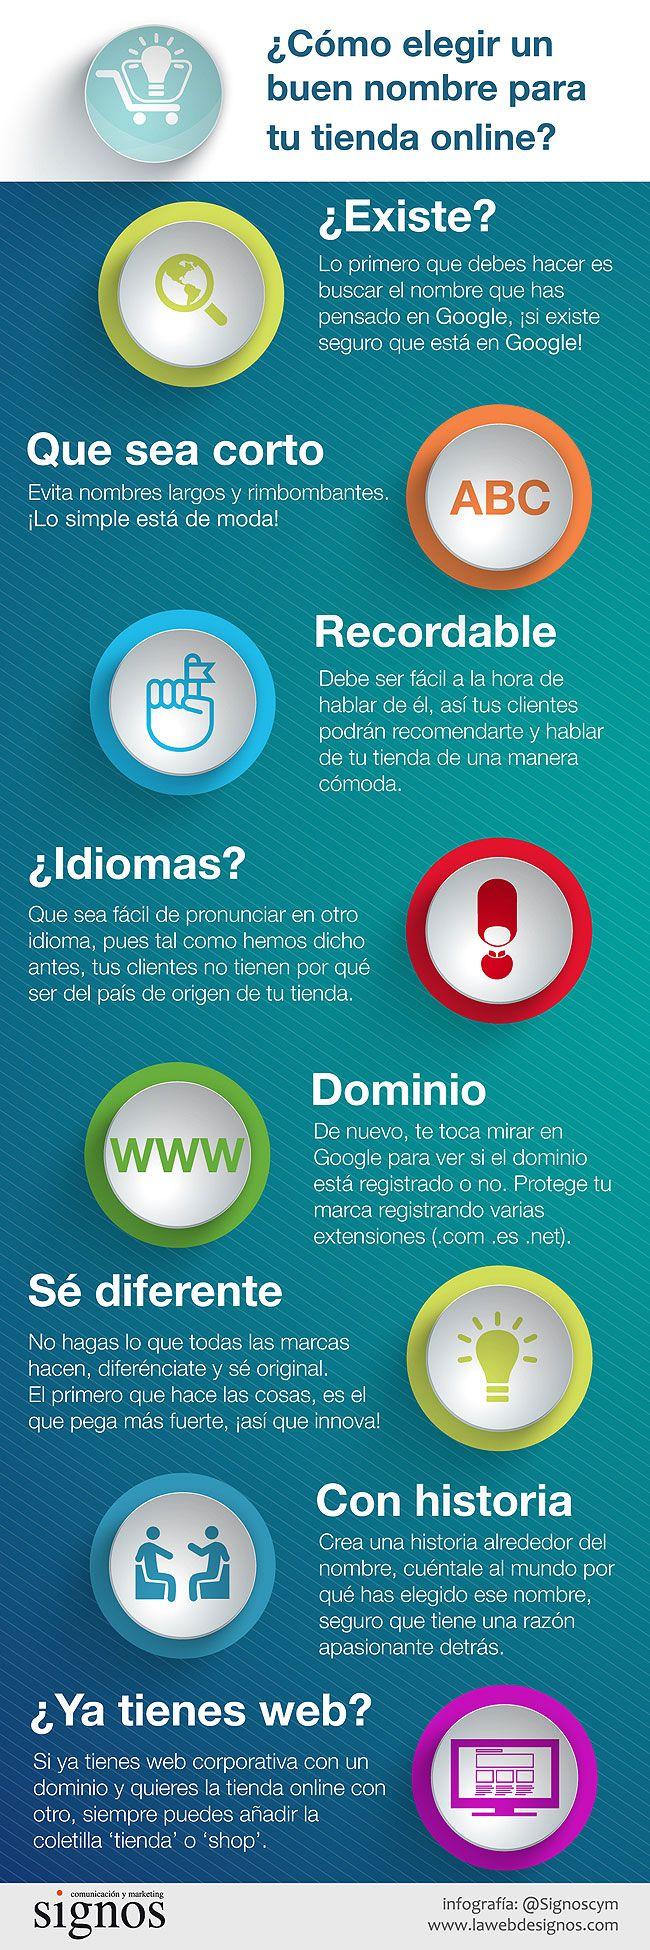 Cómo elegir un buen nombre para tu tienda online  Ideas Negocios Online para www.masymejor.com